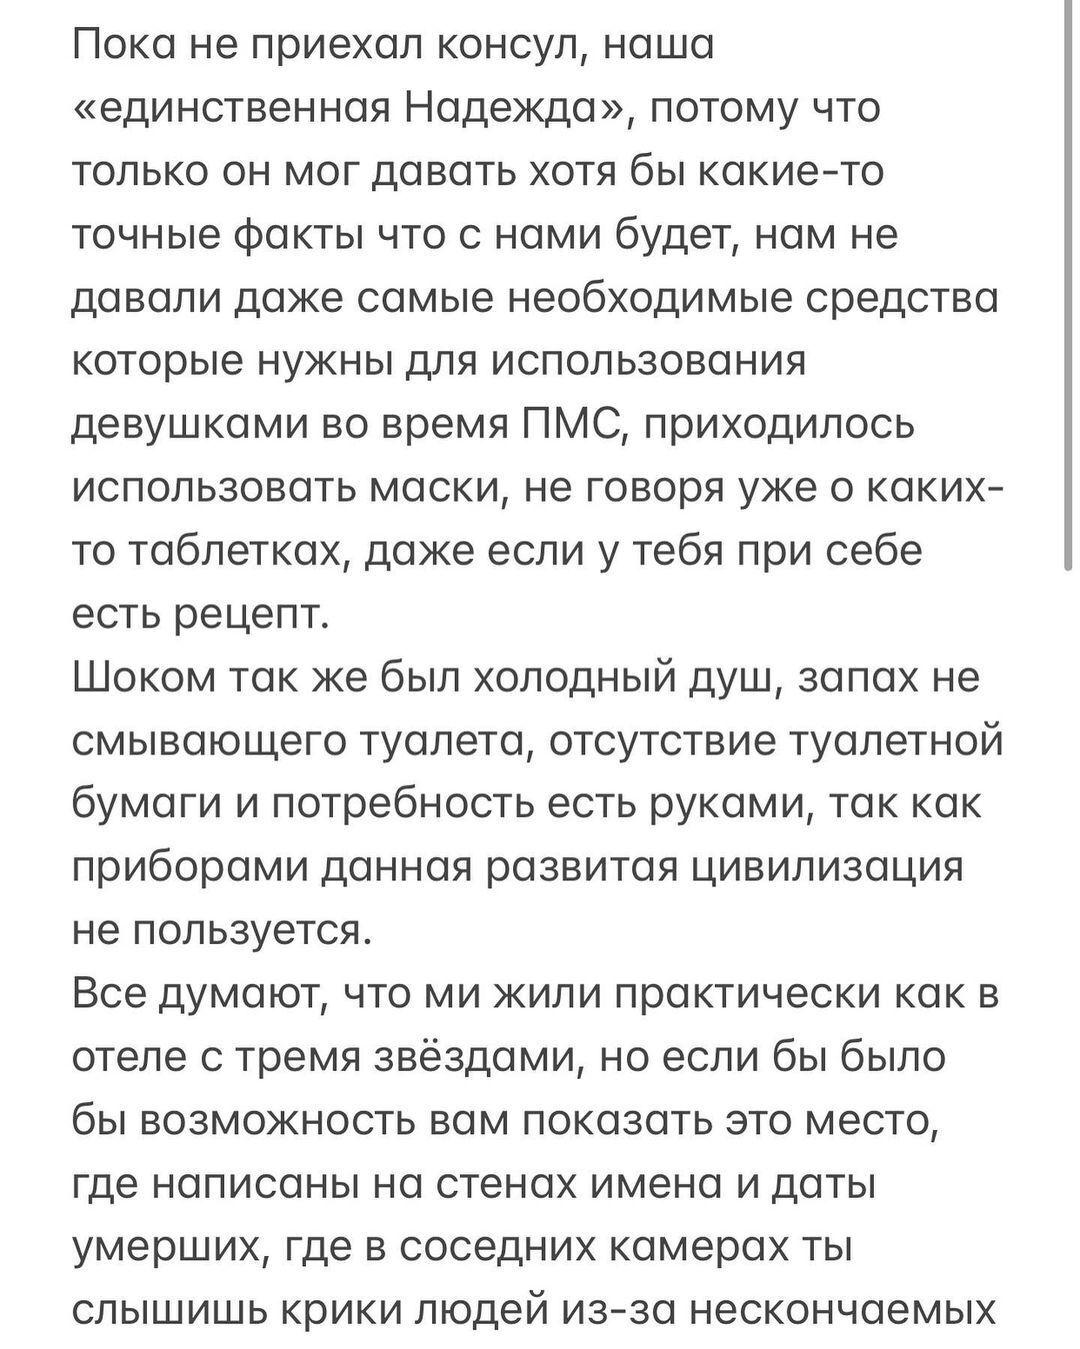 Виктория Ильченко рассказала о тюрьме в Дубае